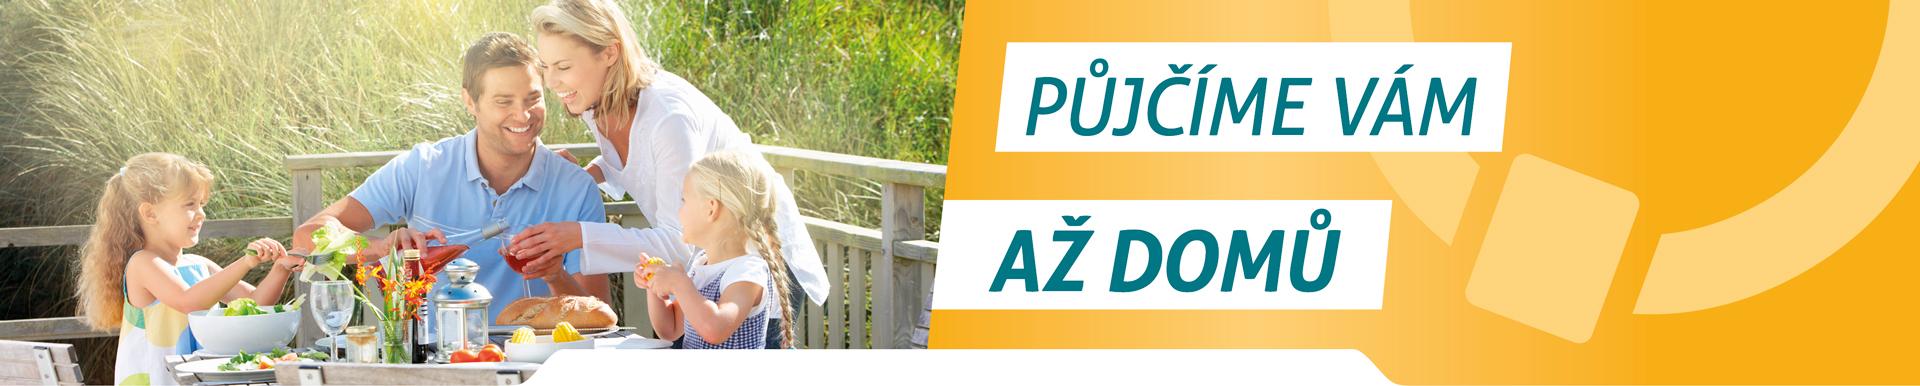 web-banner_1920x385pxrodinka.jpg